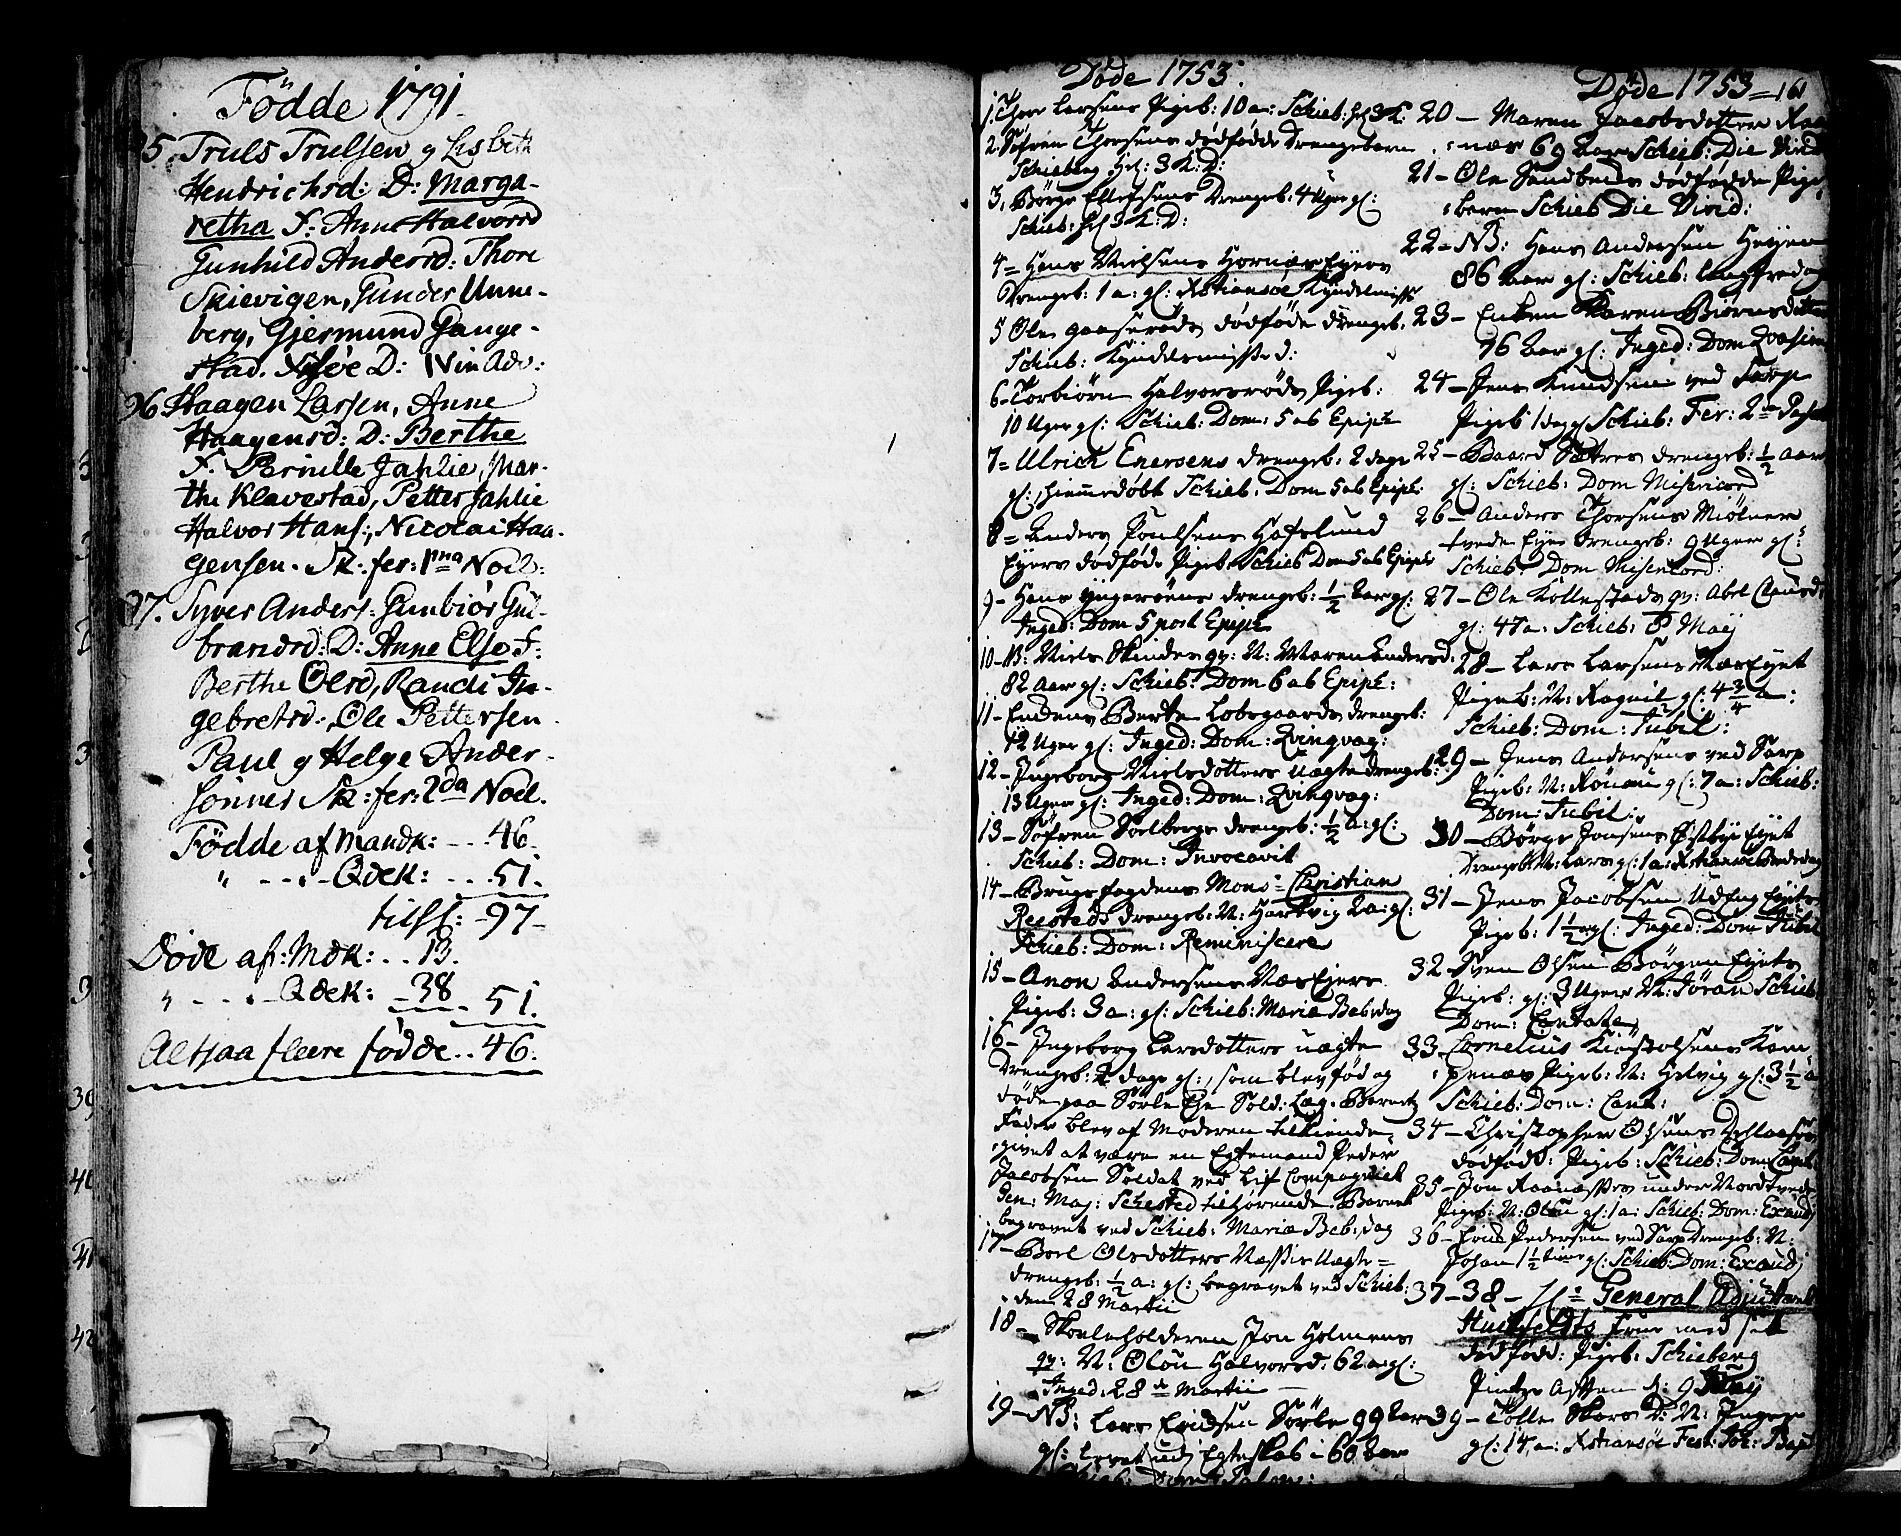 SAO, Skjeberg prestekontor Kirkebøker, F/Fa/L0002: Ministerialbok nr. I 2, 1726-1791, s. 161